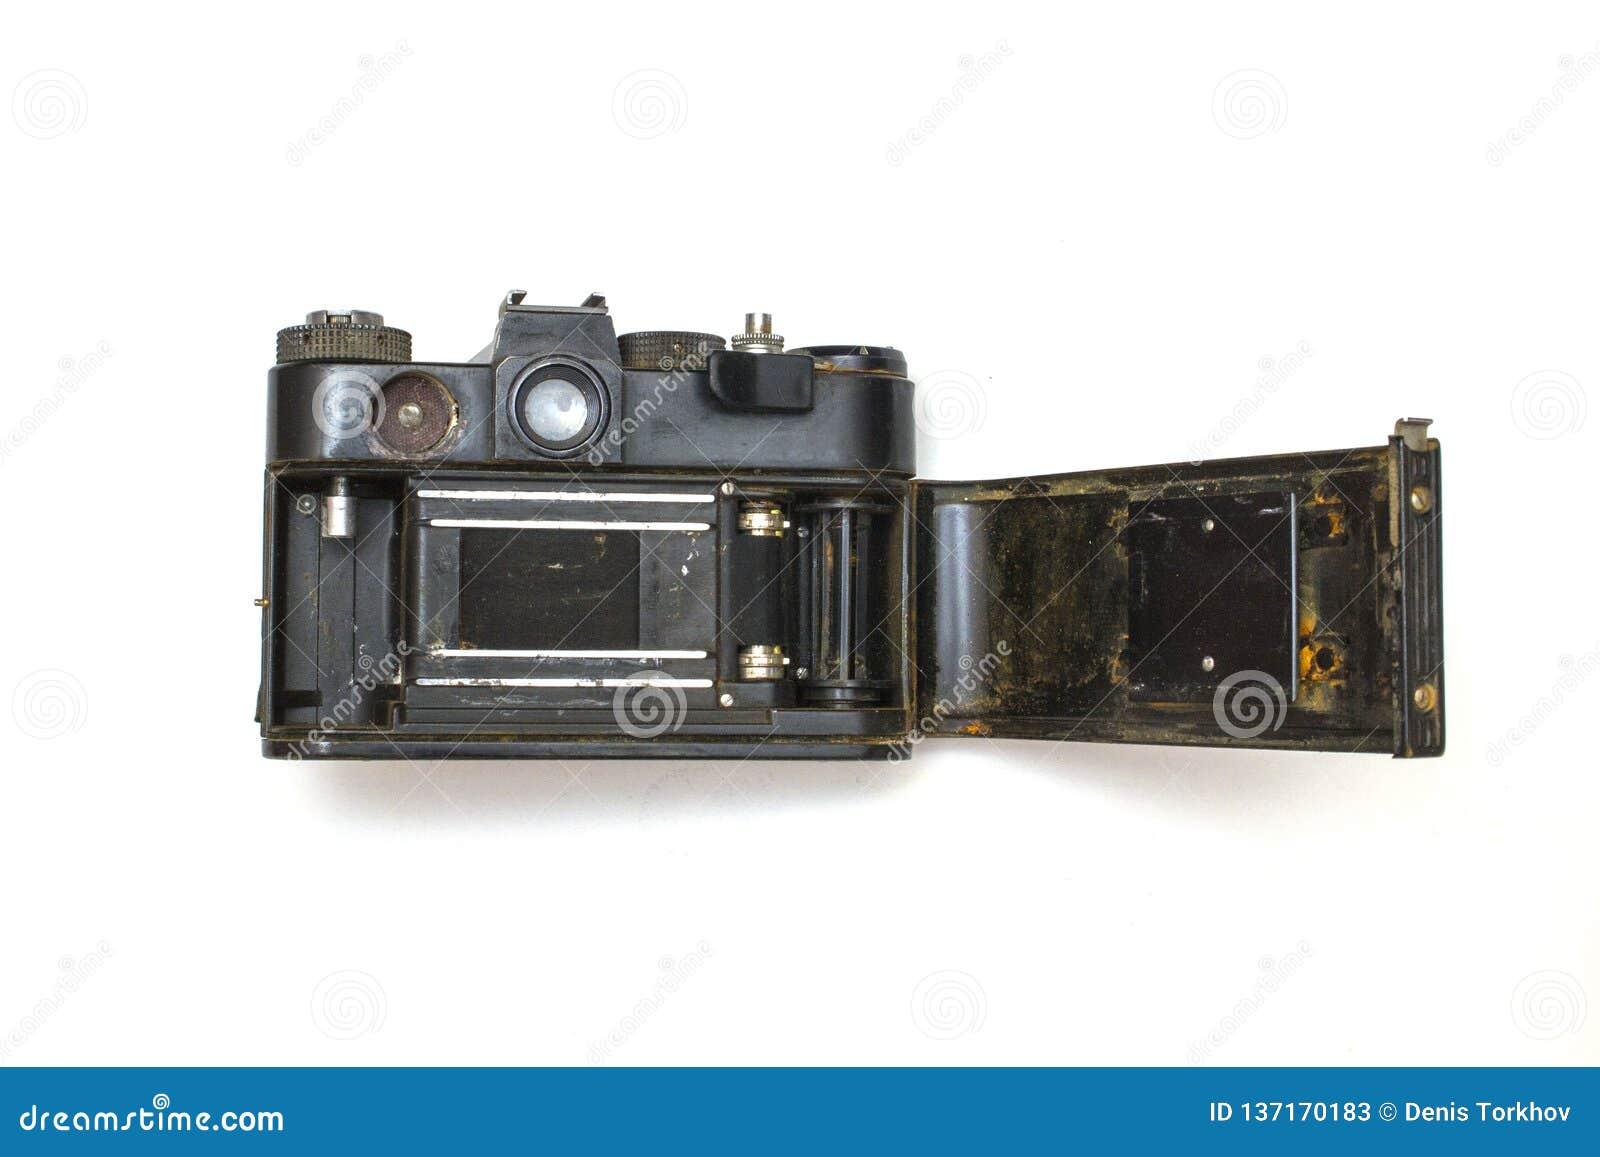 De oude SLR-camera roestte van het vallen in het water, op een wit geïsoleerde achtergrond